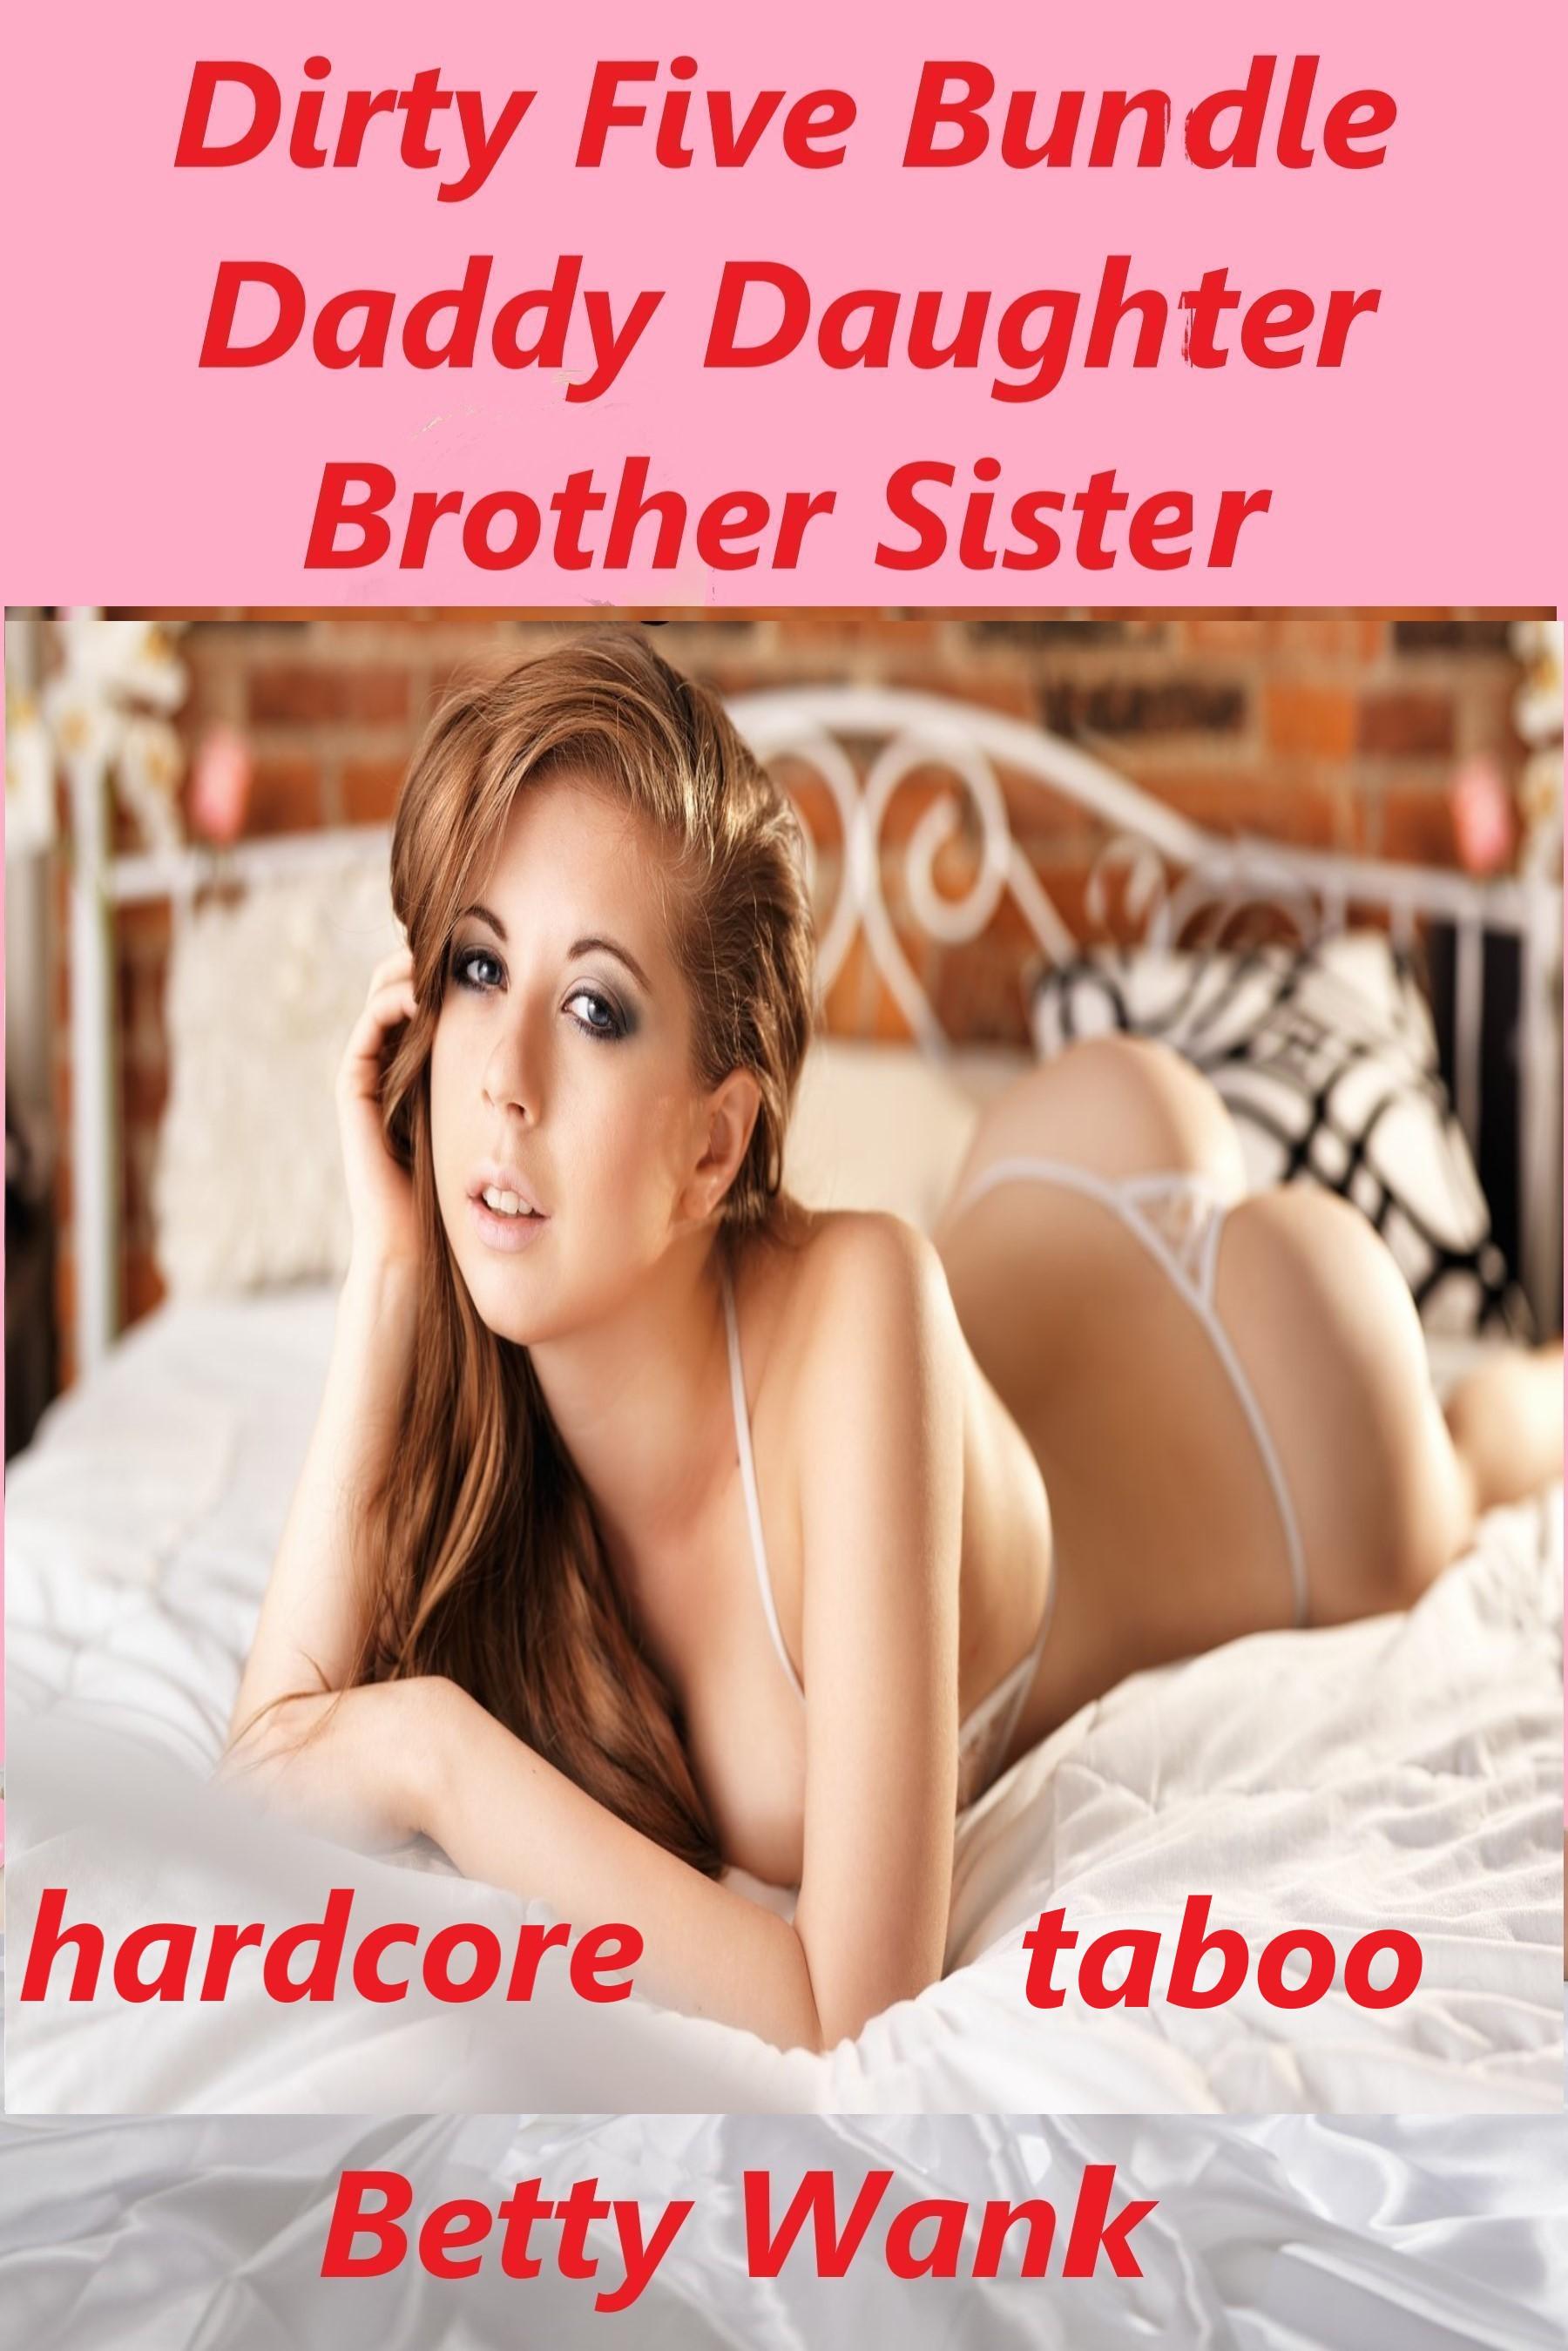 Free pics actress sara paxton topless